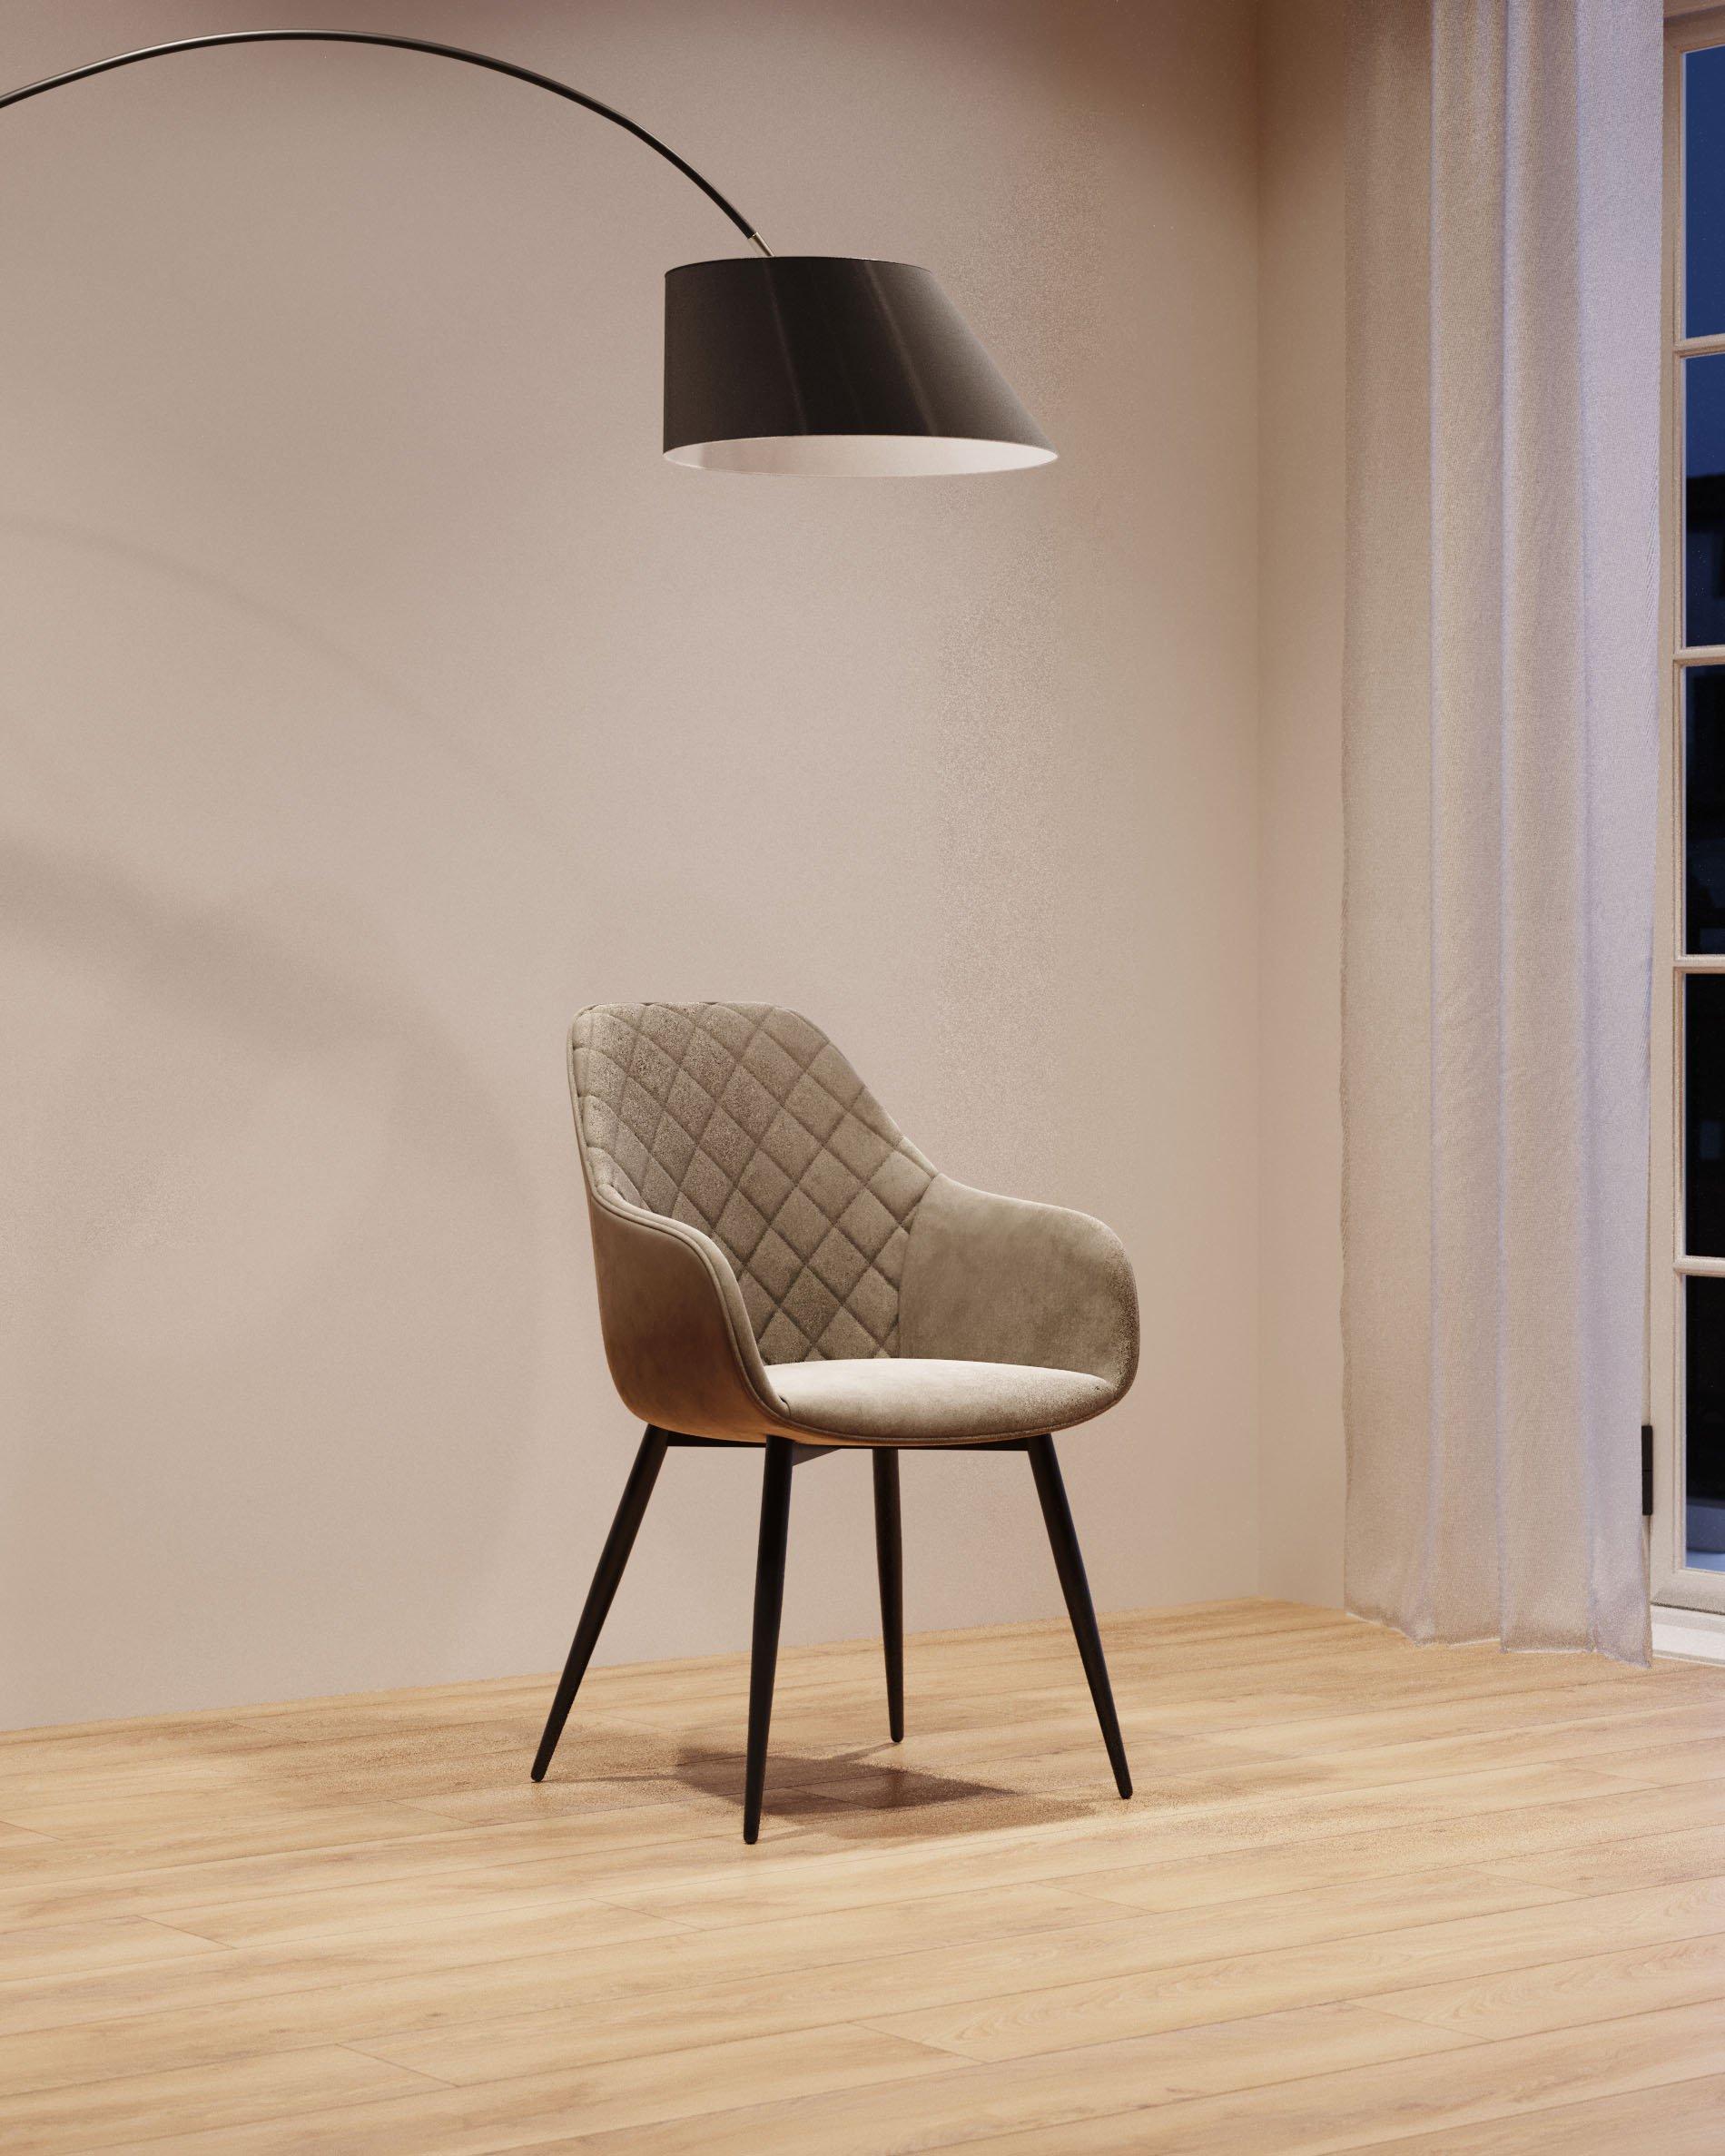 silla-foto-luz-interior